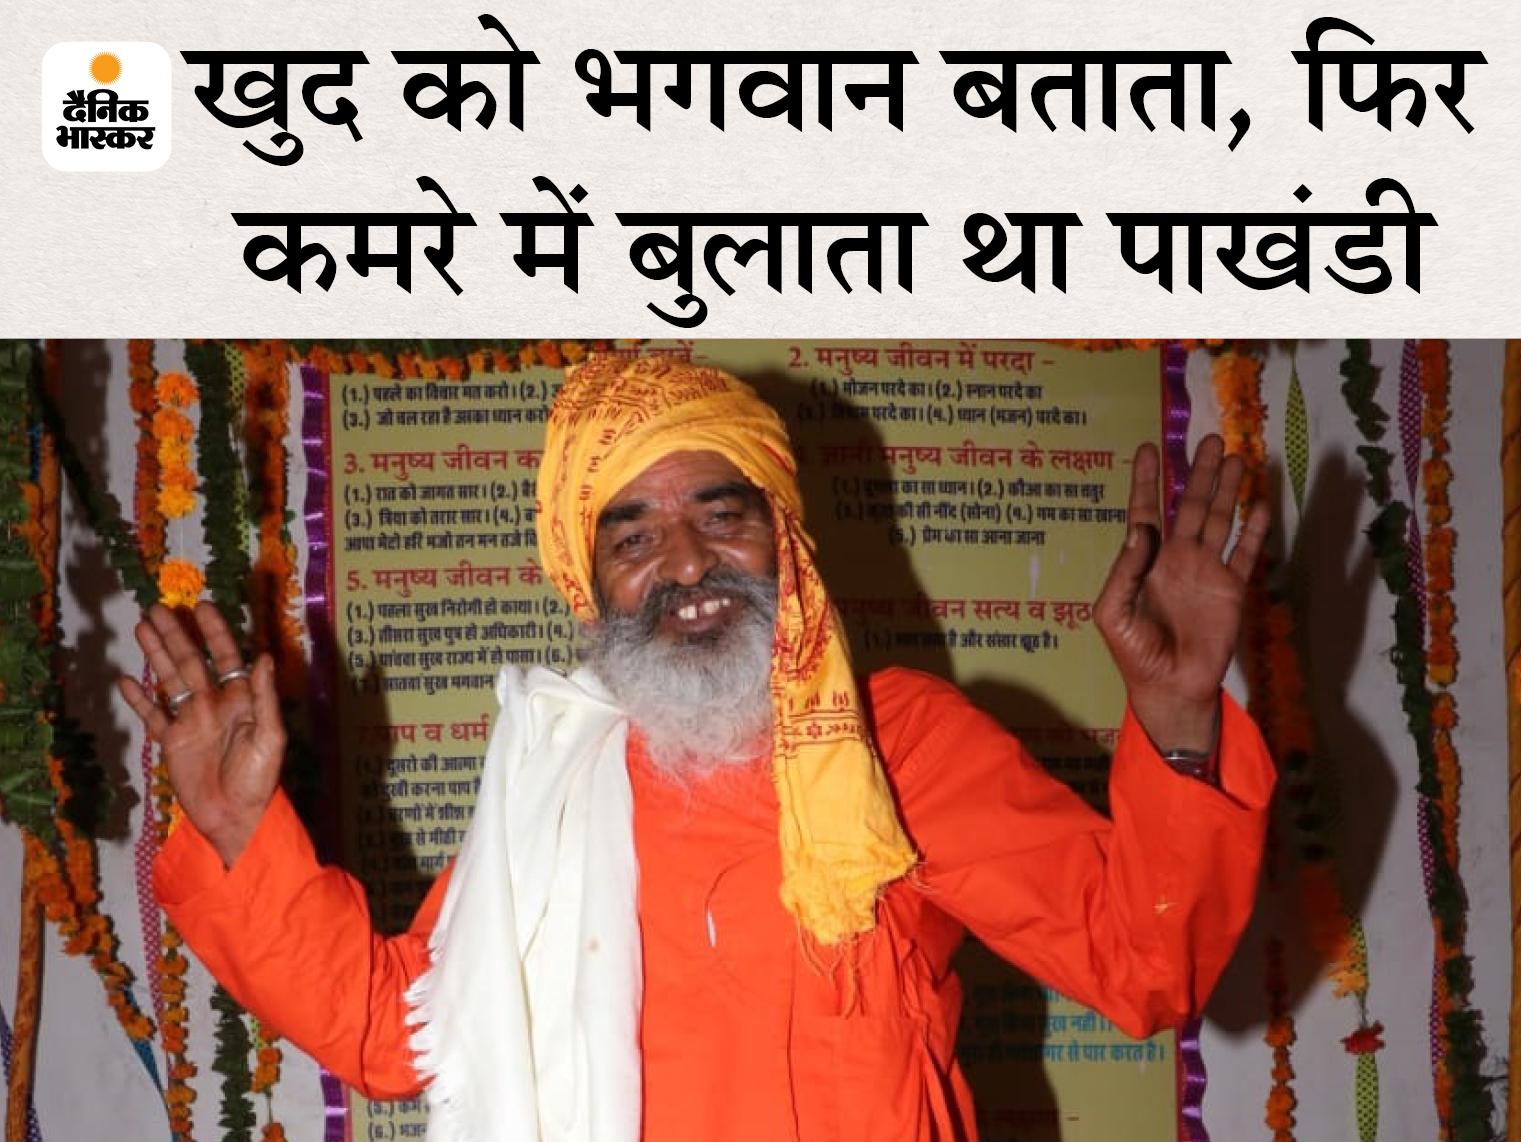 MSc पास युवती का पति से झगड़ा हुआ था, तीन दिन हाथ-पैर दबवाए, फिर भांग खिलाकर रेप|राजस्थान,Rajasthan - Dainik Bhaskar